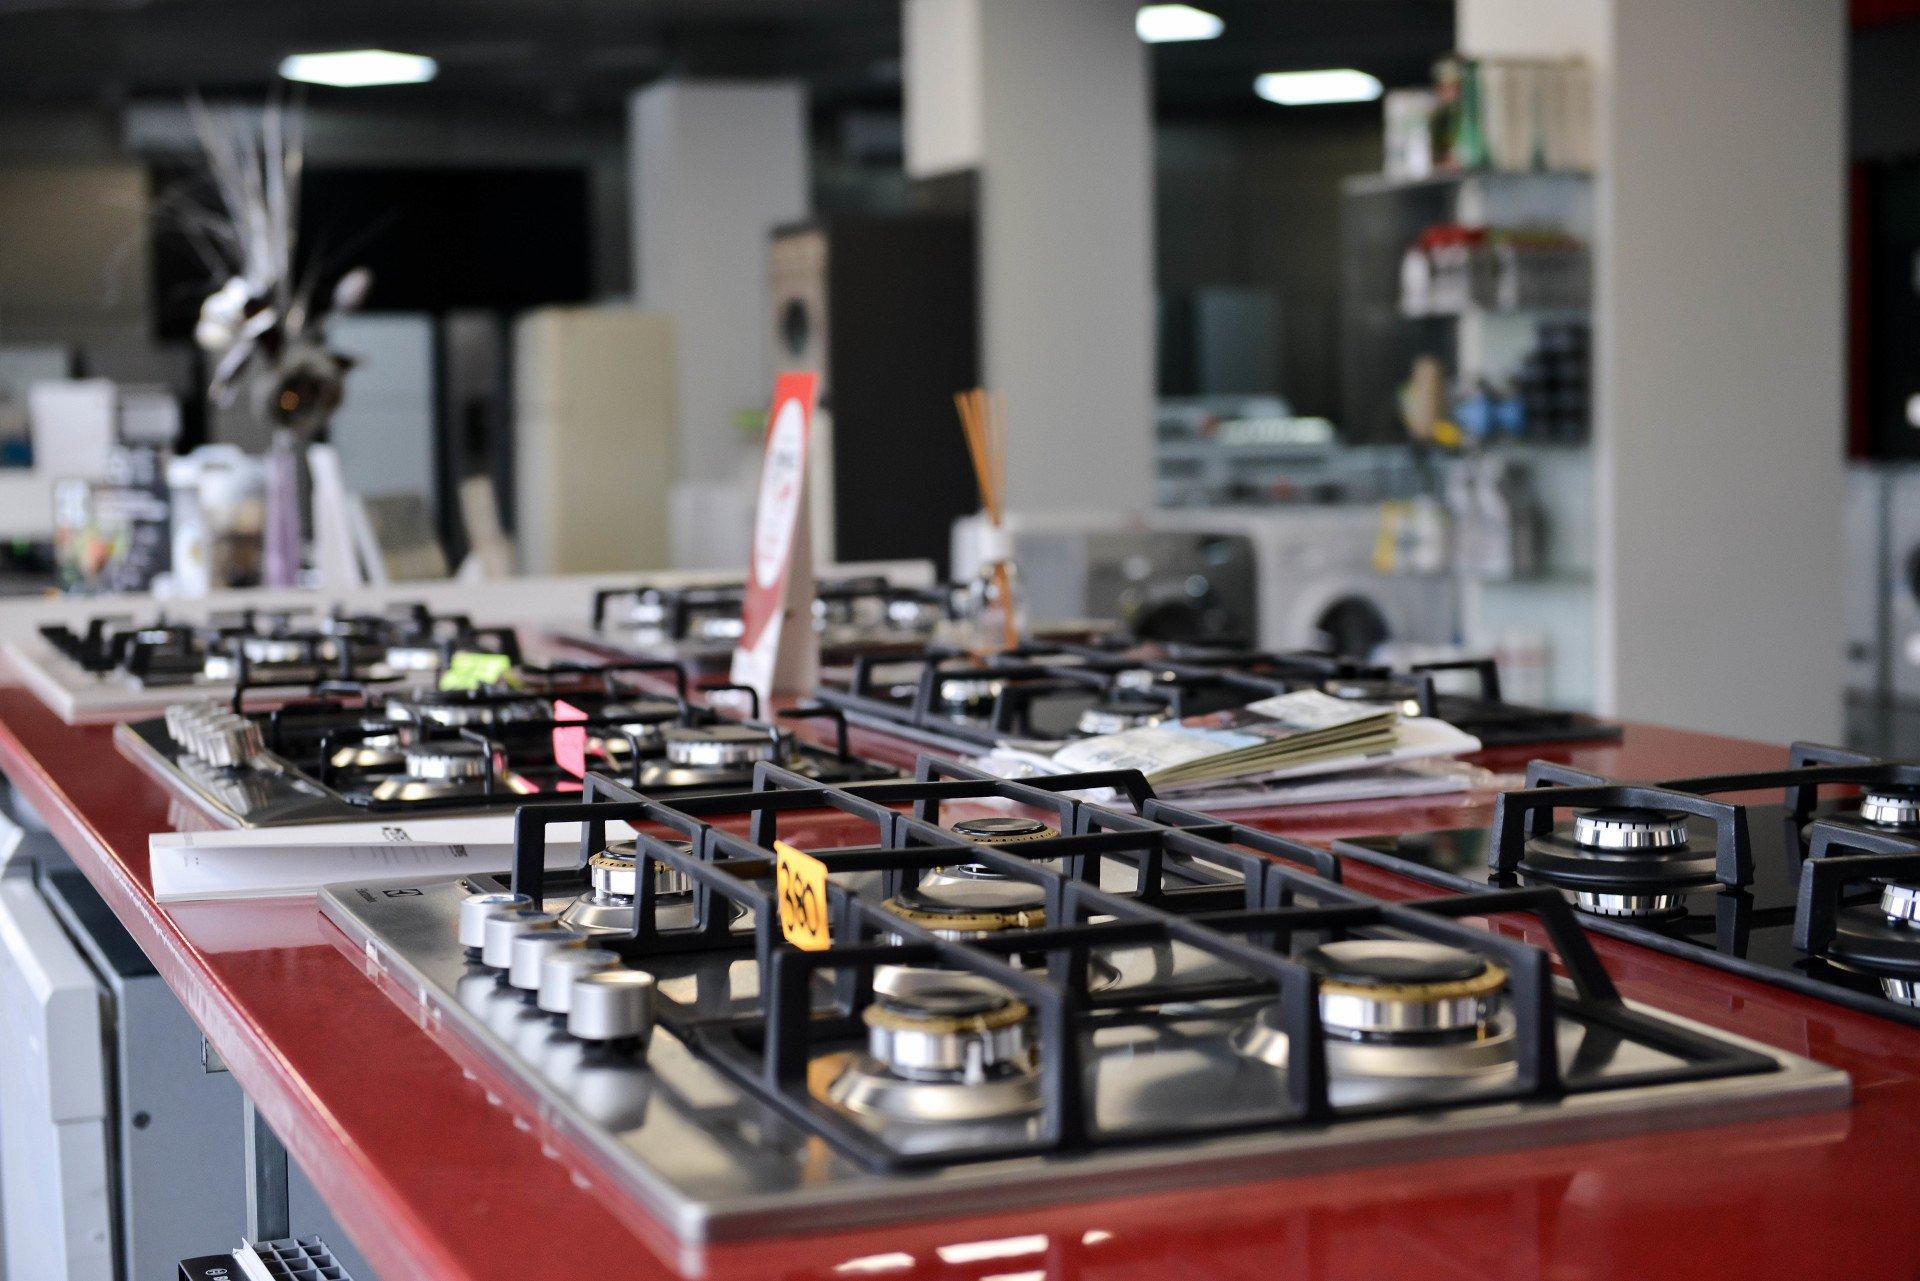 Elettrodomestici da incasso - Torino - Alla fonte del ricambio